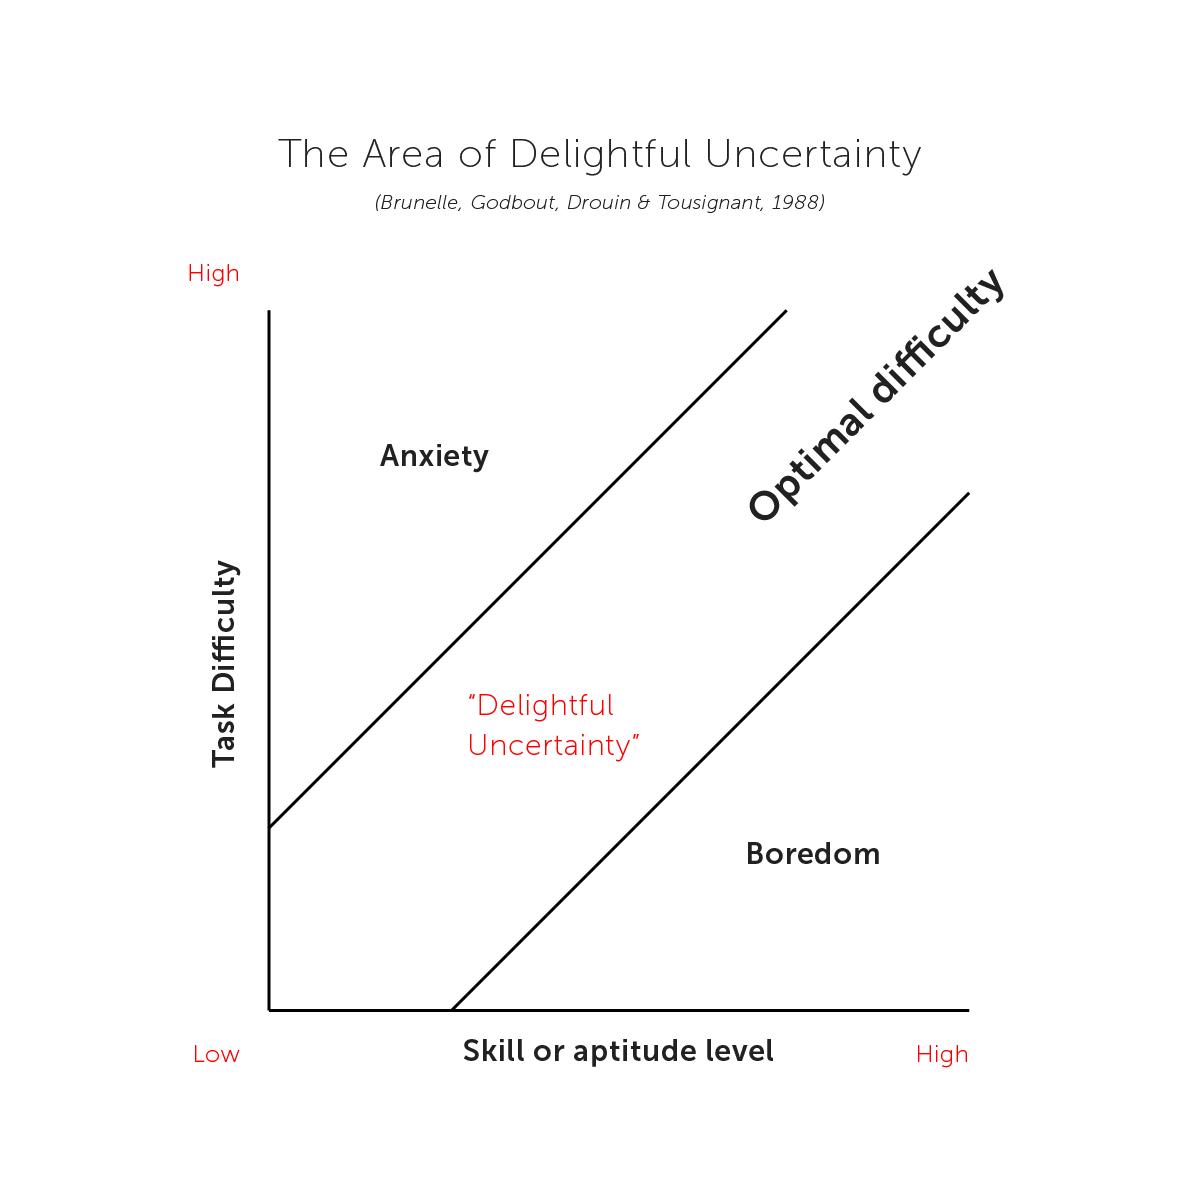 Delightful uncertainty